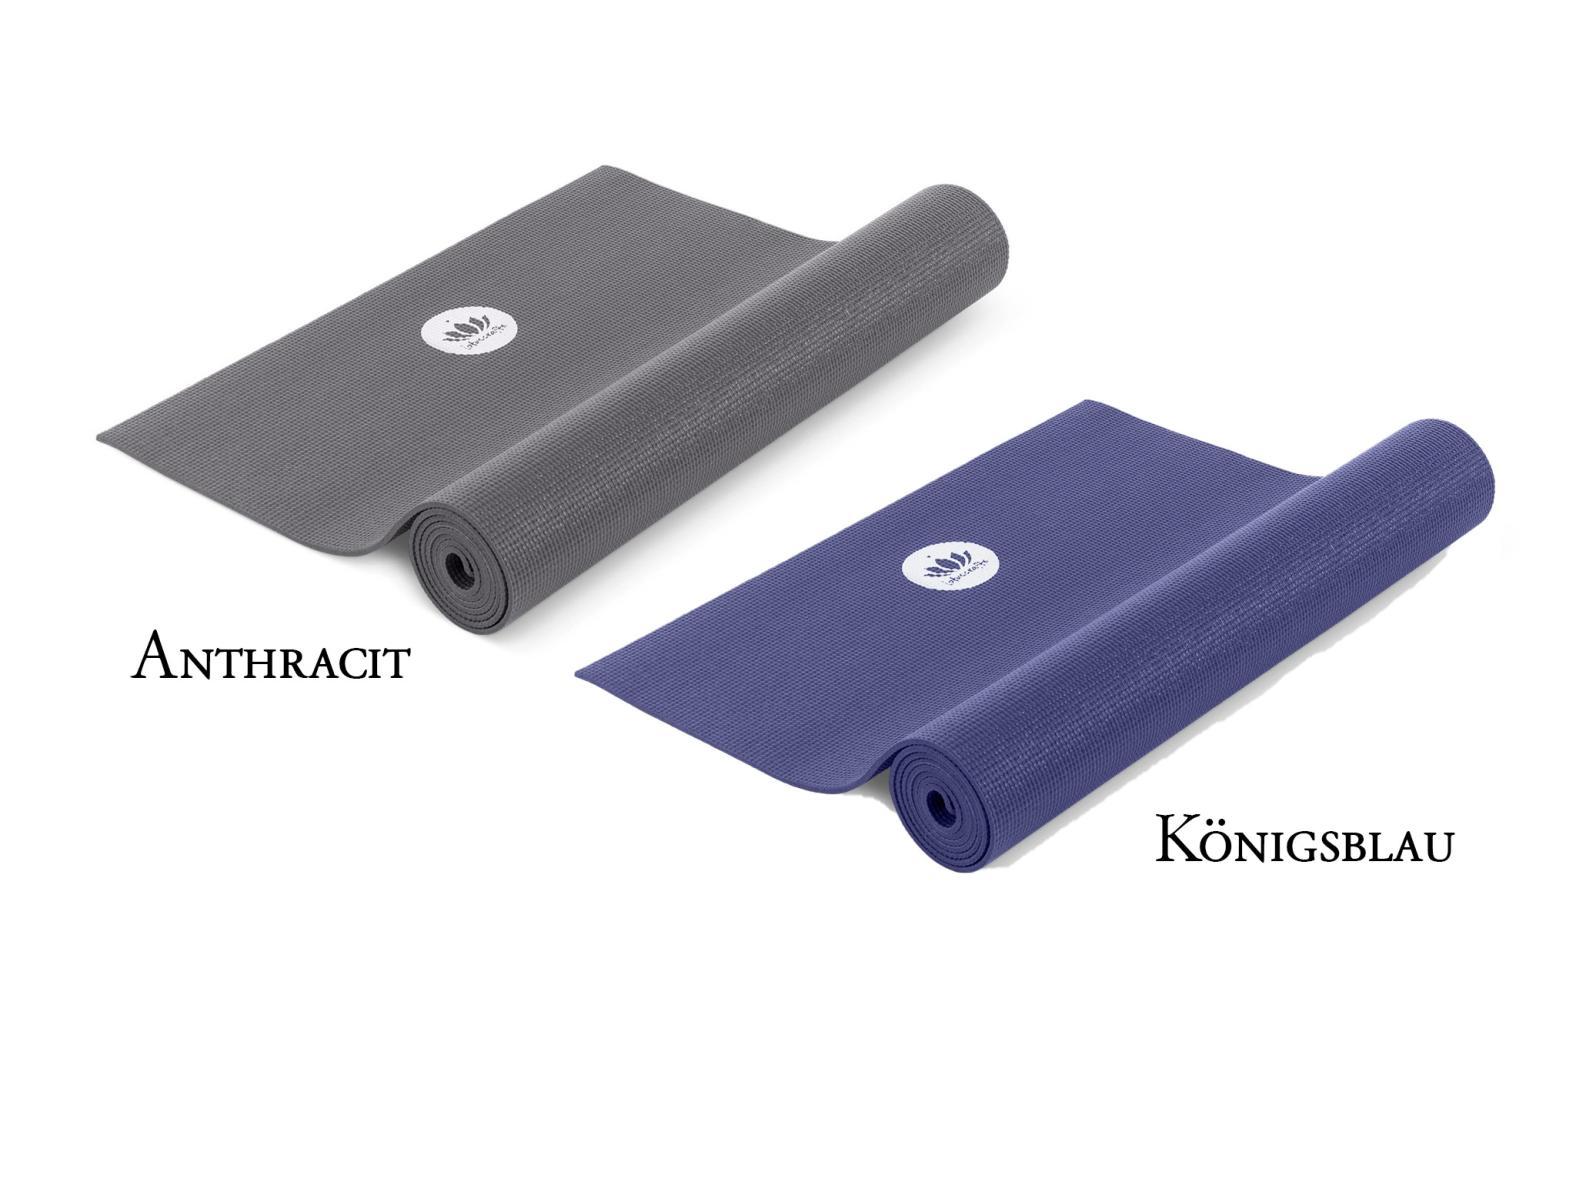 Yogamatte STUDIO (183 x 61 cm) - Schadstoffgeprüft